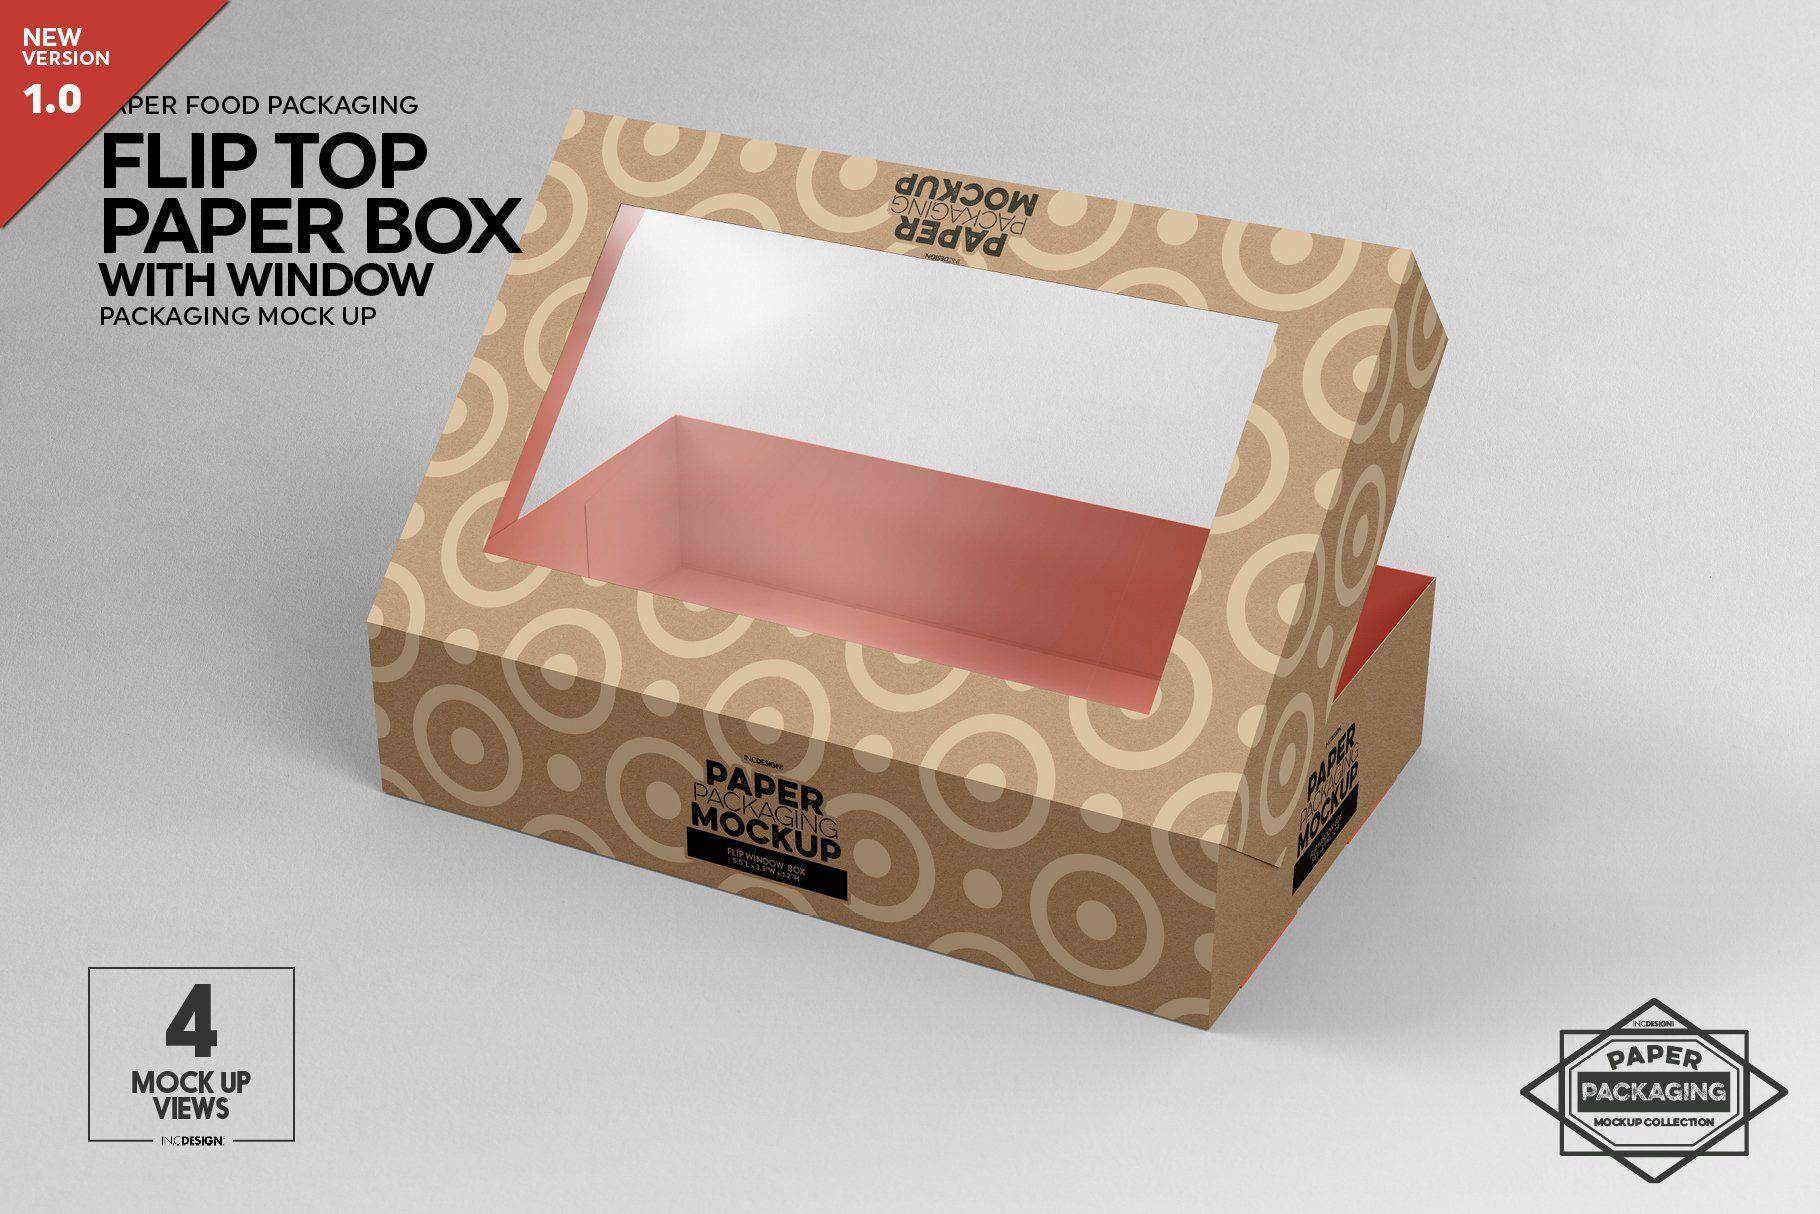 Download Flip Top Paper Box With Window Packaging Mockup 647591 Branding Design Bundles In 2021 Packaging Mockup Box Mockup Free Packaging Mockup